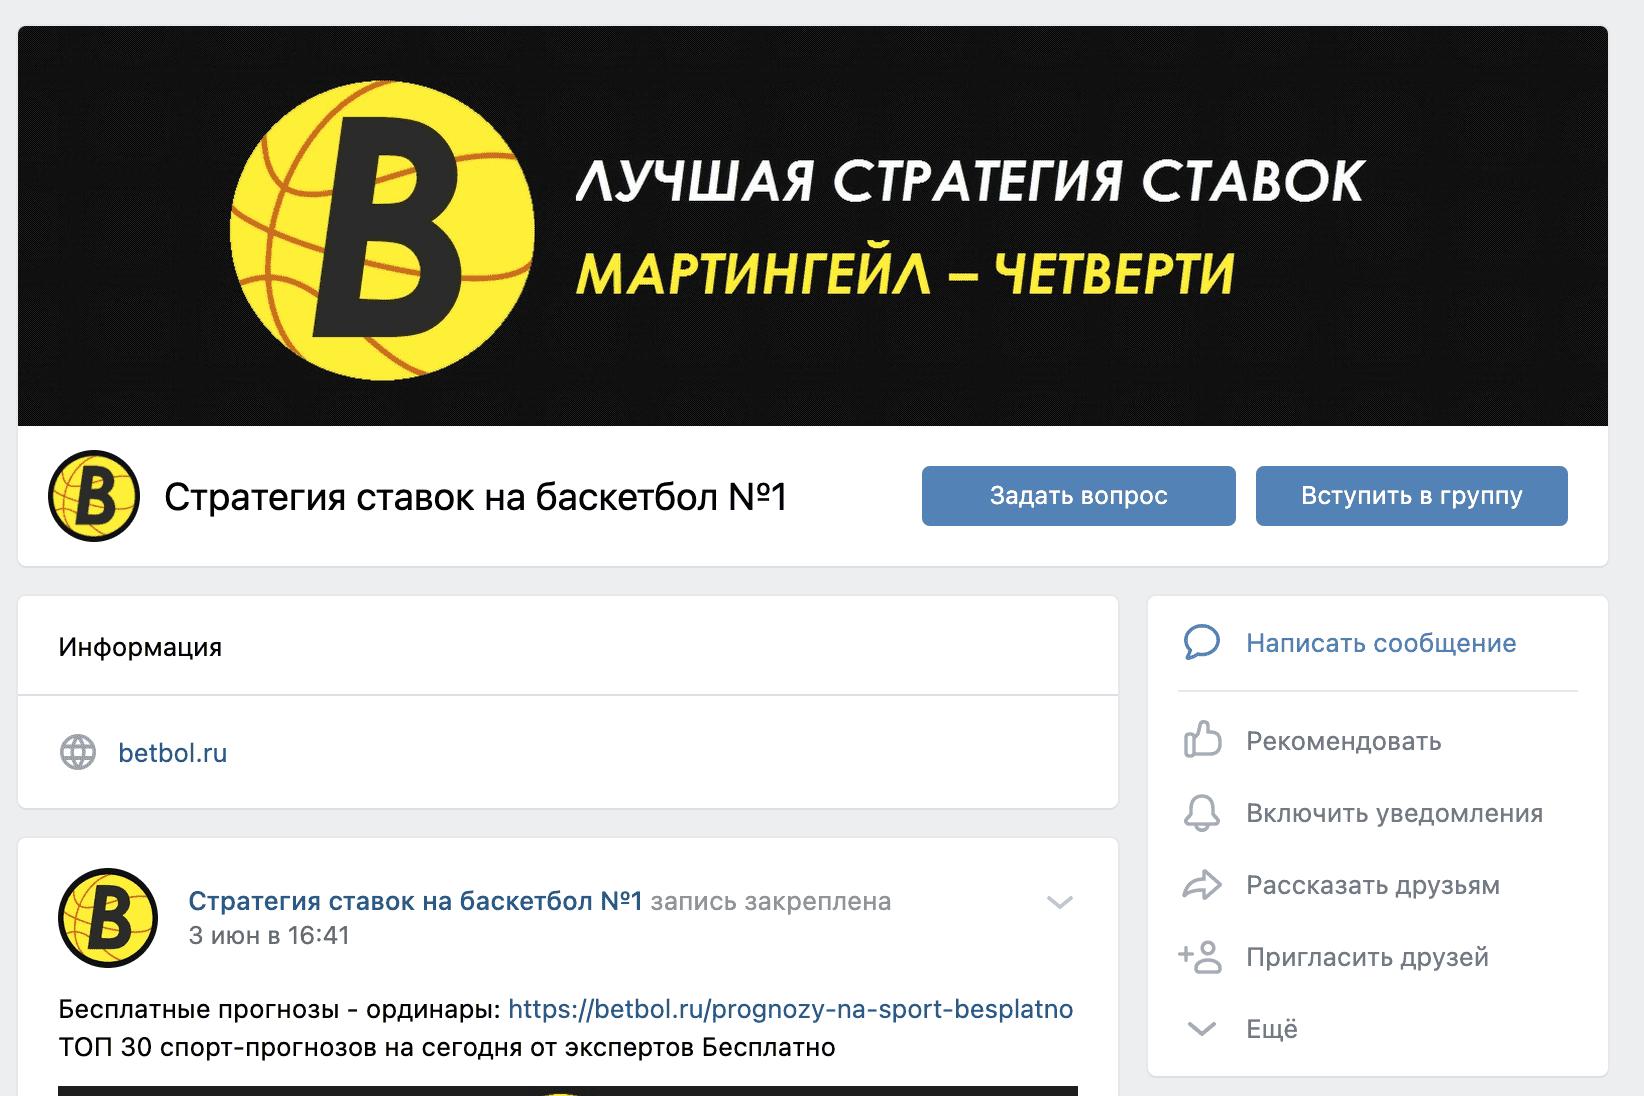 Группа ВК Betbol ru(Бетбол ру)